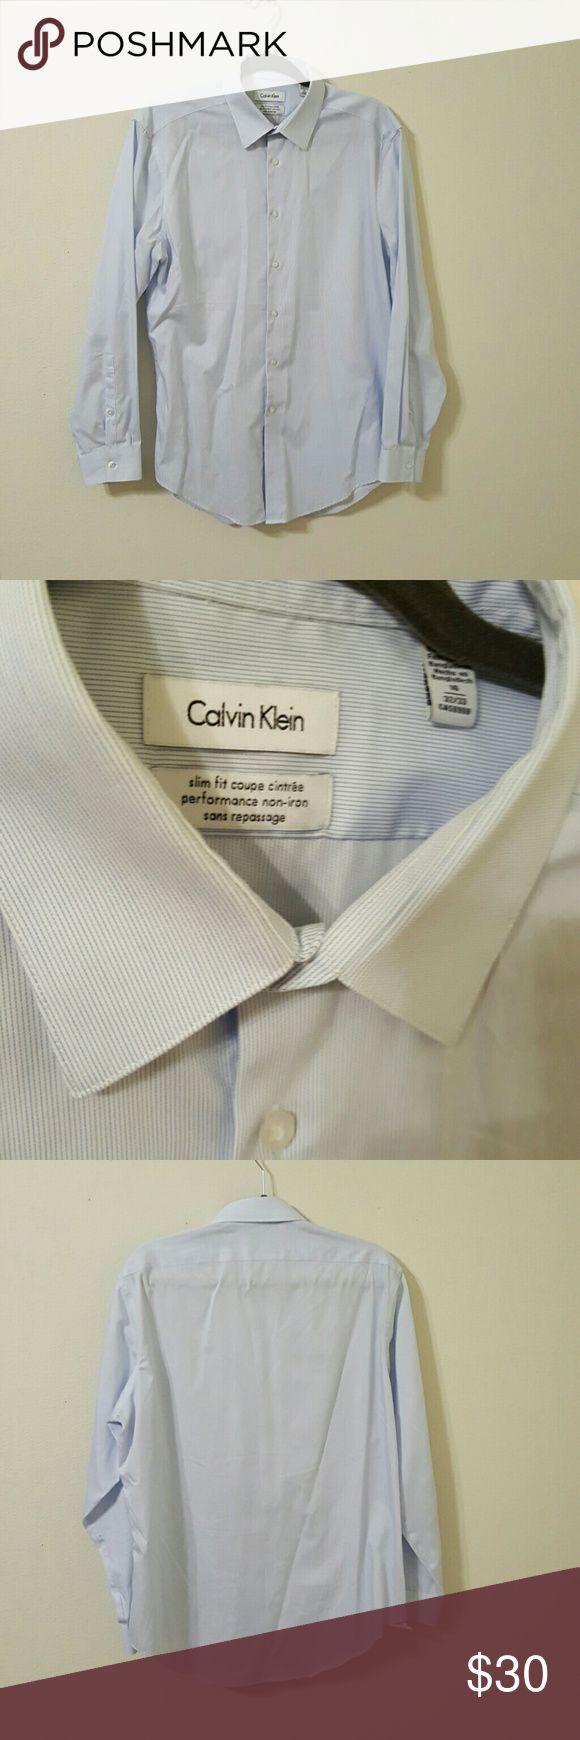 Men's Calvin Klein Dress Shirt 16 collar, 32/33 inseam. Slim fit, non iron dress shirt! Calvin Klein Shirts Dress Shirts